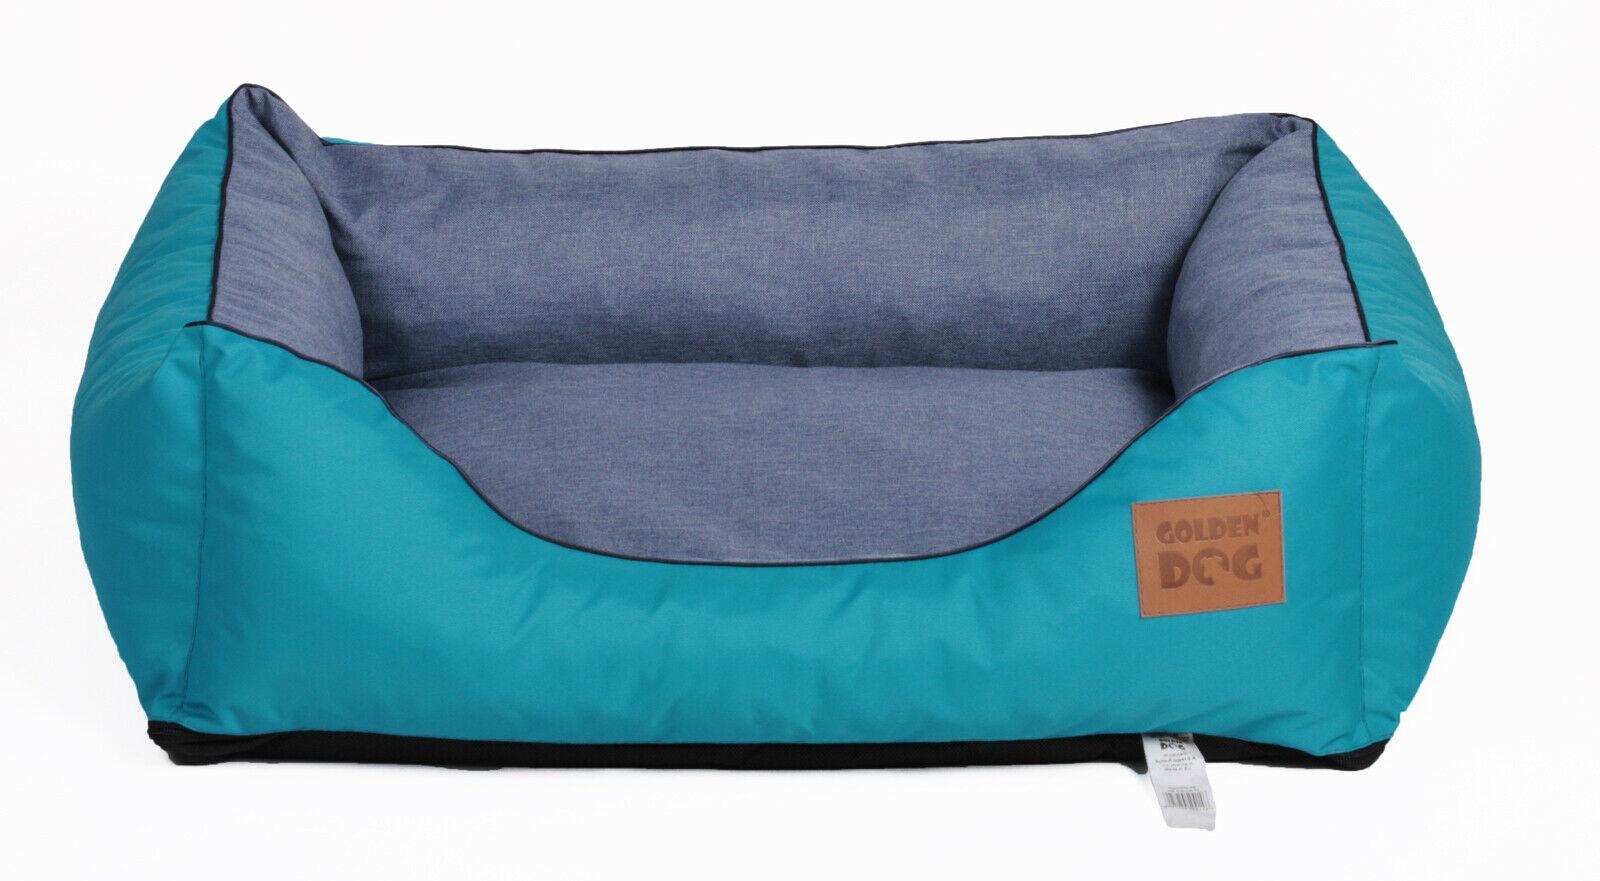 Full Size of Rabattaktionen Trkis Jeansblau Hundekorb Bett Hundesofa Hundebett Nolte Betten Außergewöhnliche Meise Bei Ikea Amerikanische Günstig Kaufen Landhausstil Wohnzimmer Octopus Betten